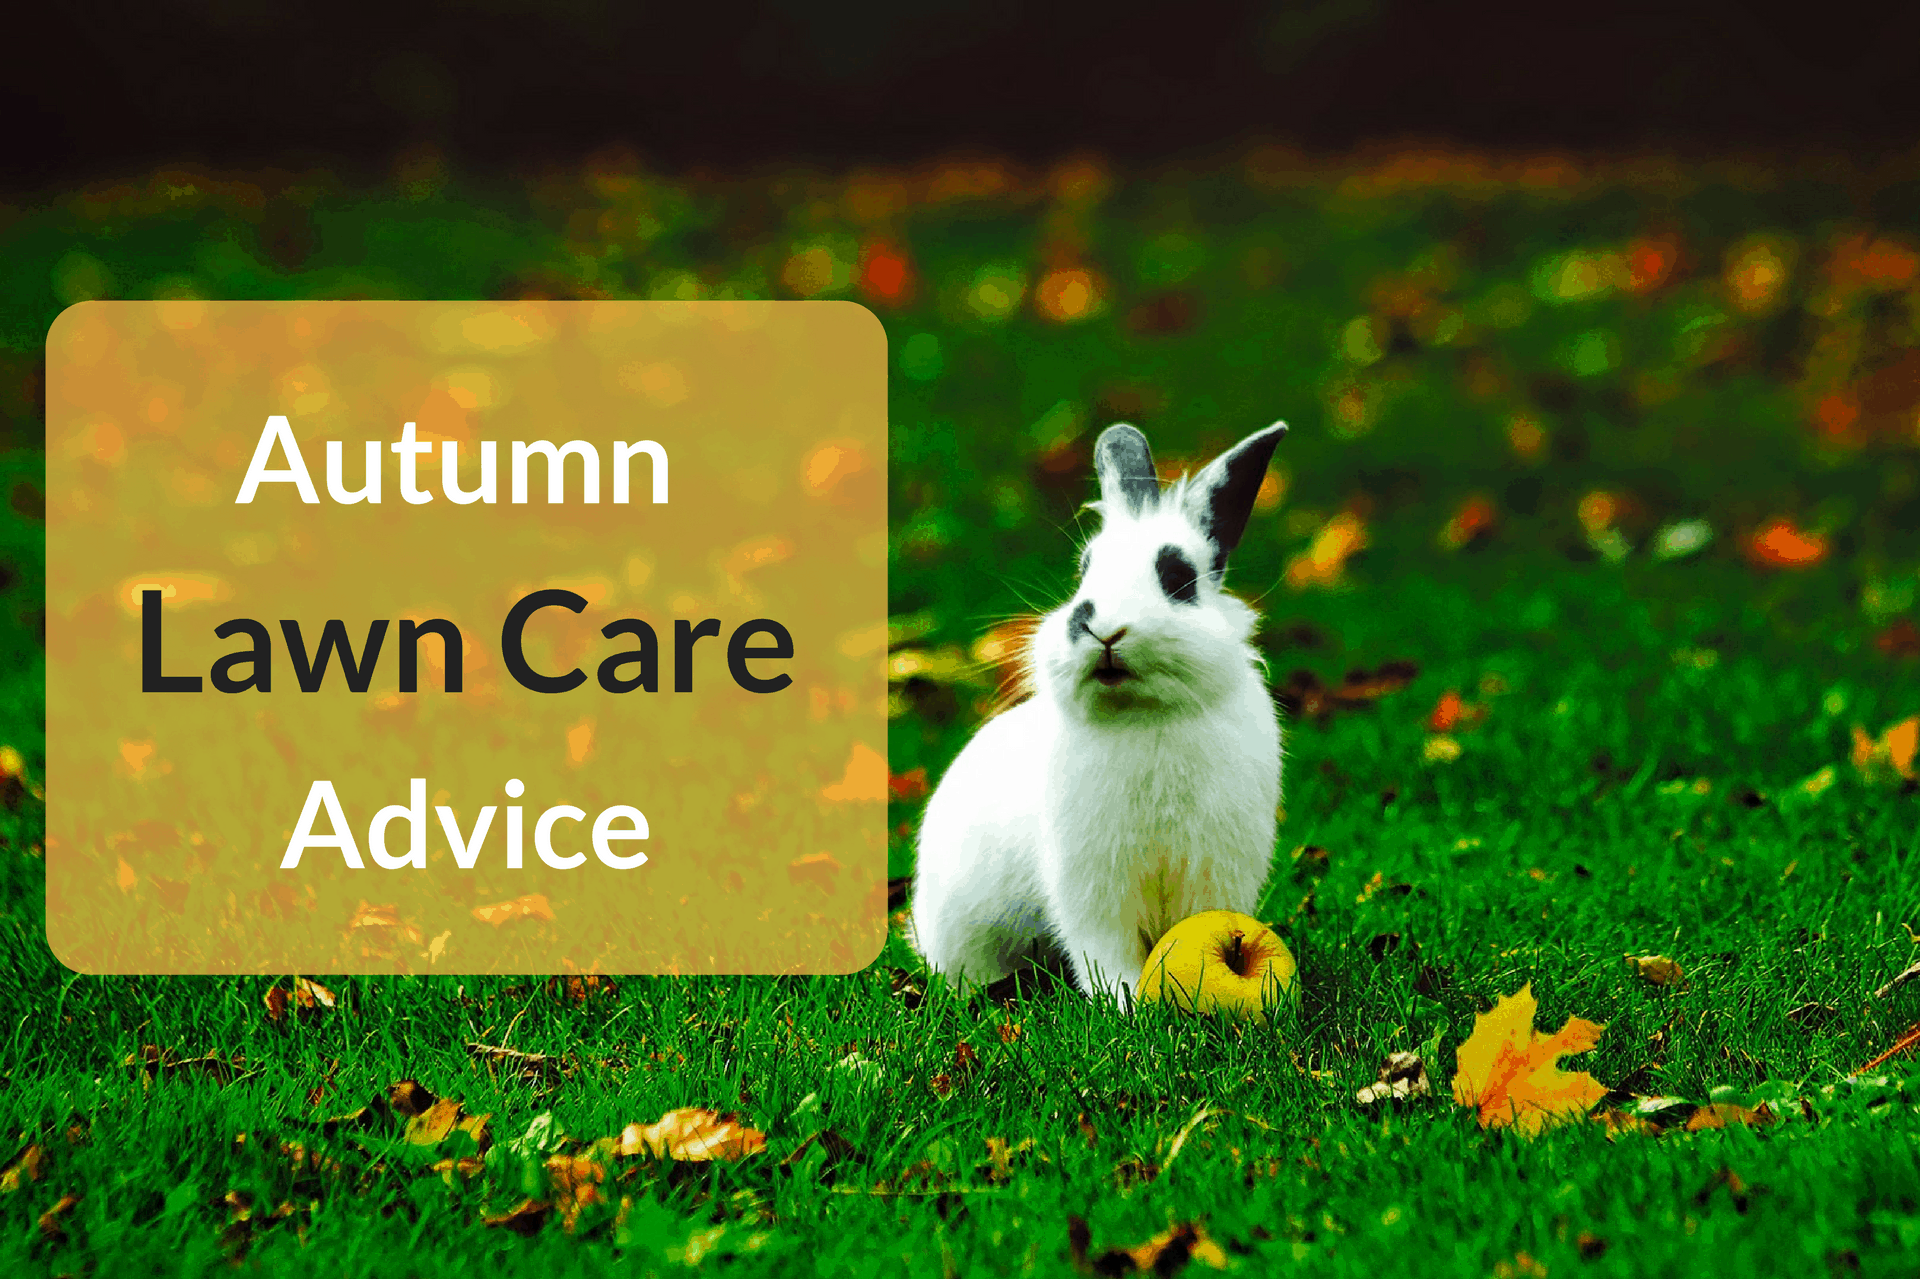 Autumn Lawn Care Advice